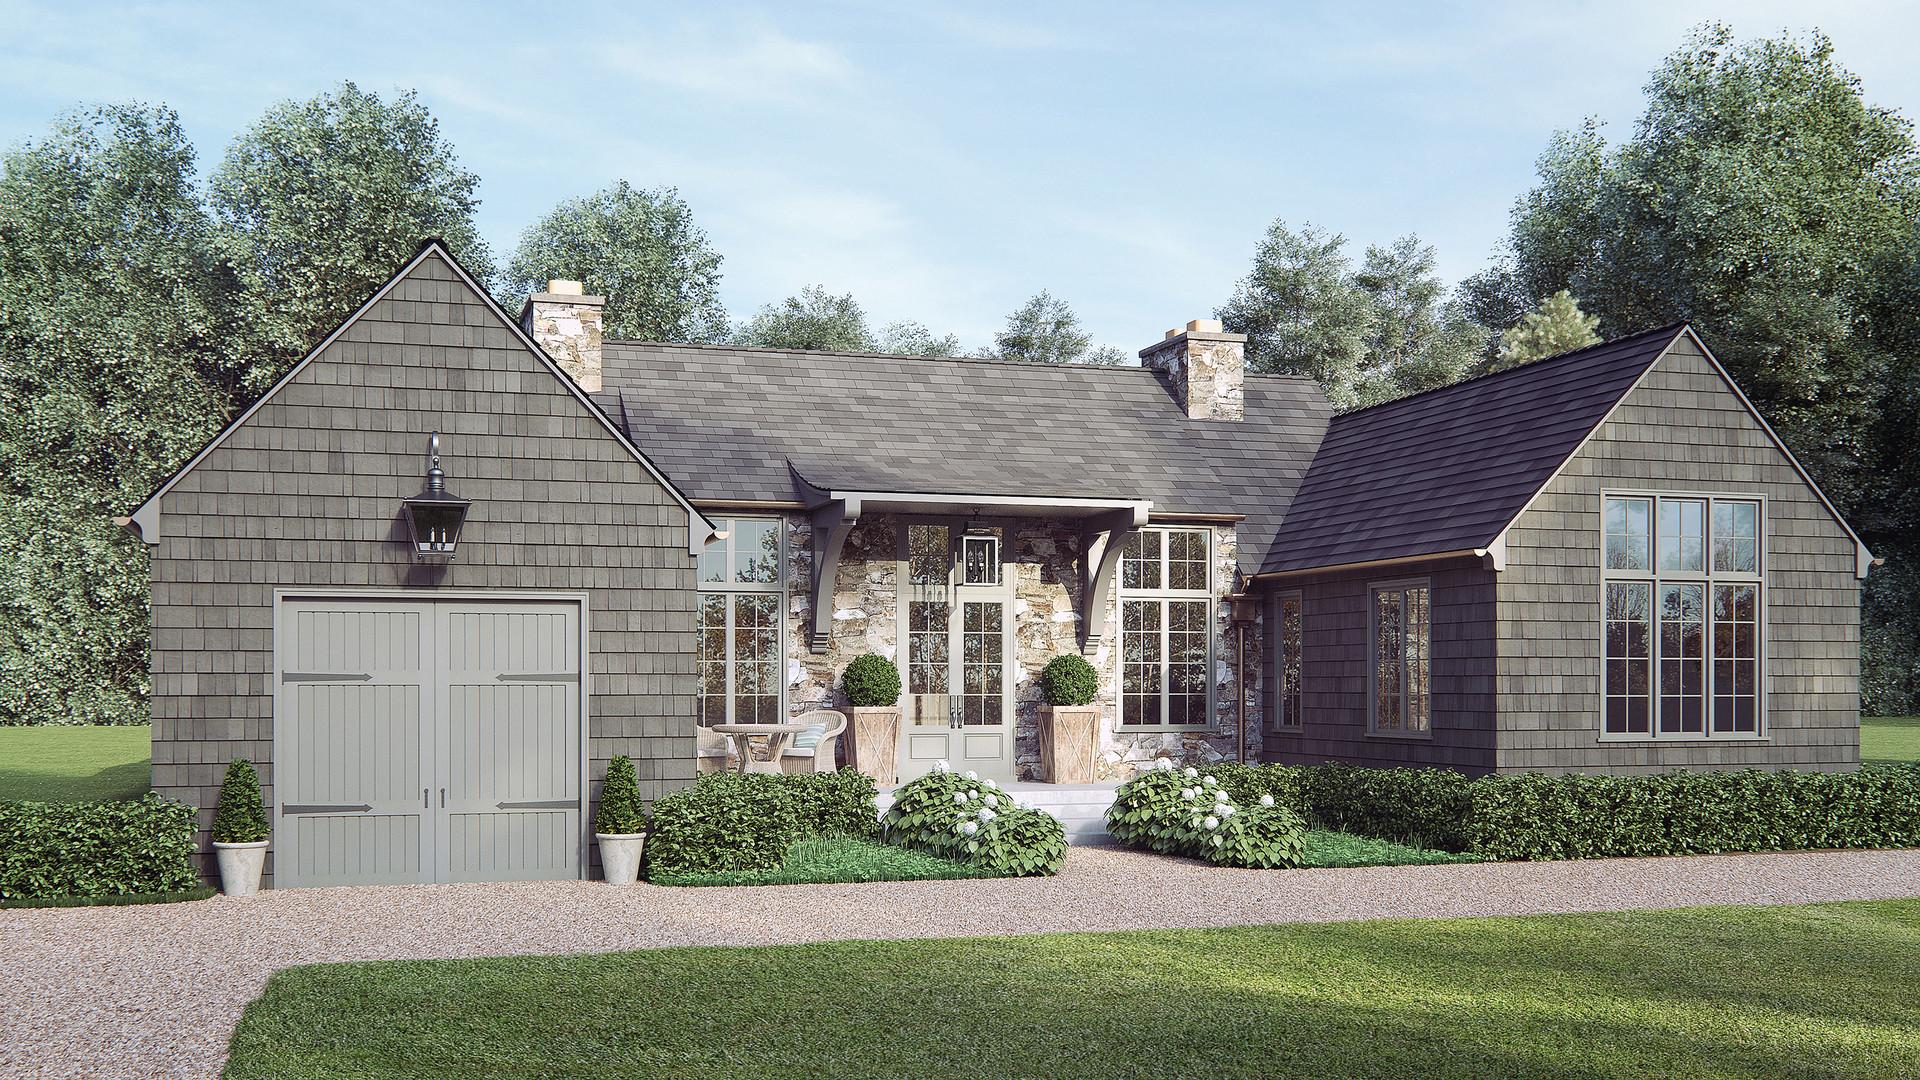 bobby parker the ross house rendering rh glorybound artstation com the ross house auburn al the ross house hamilton